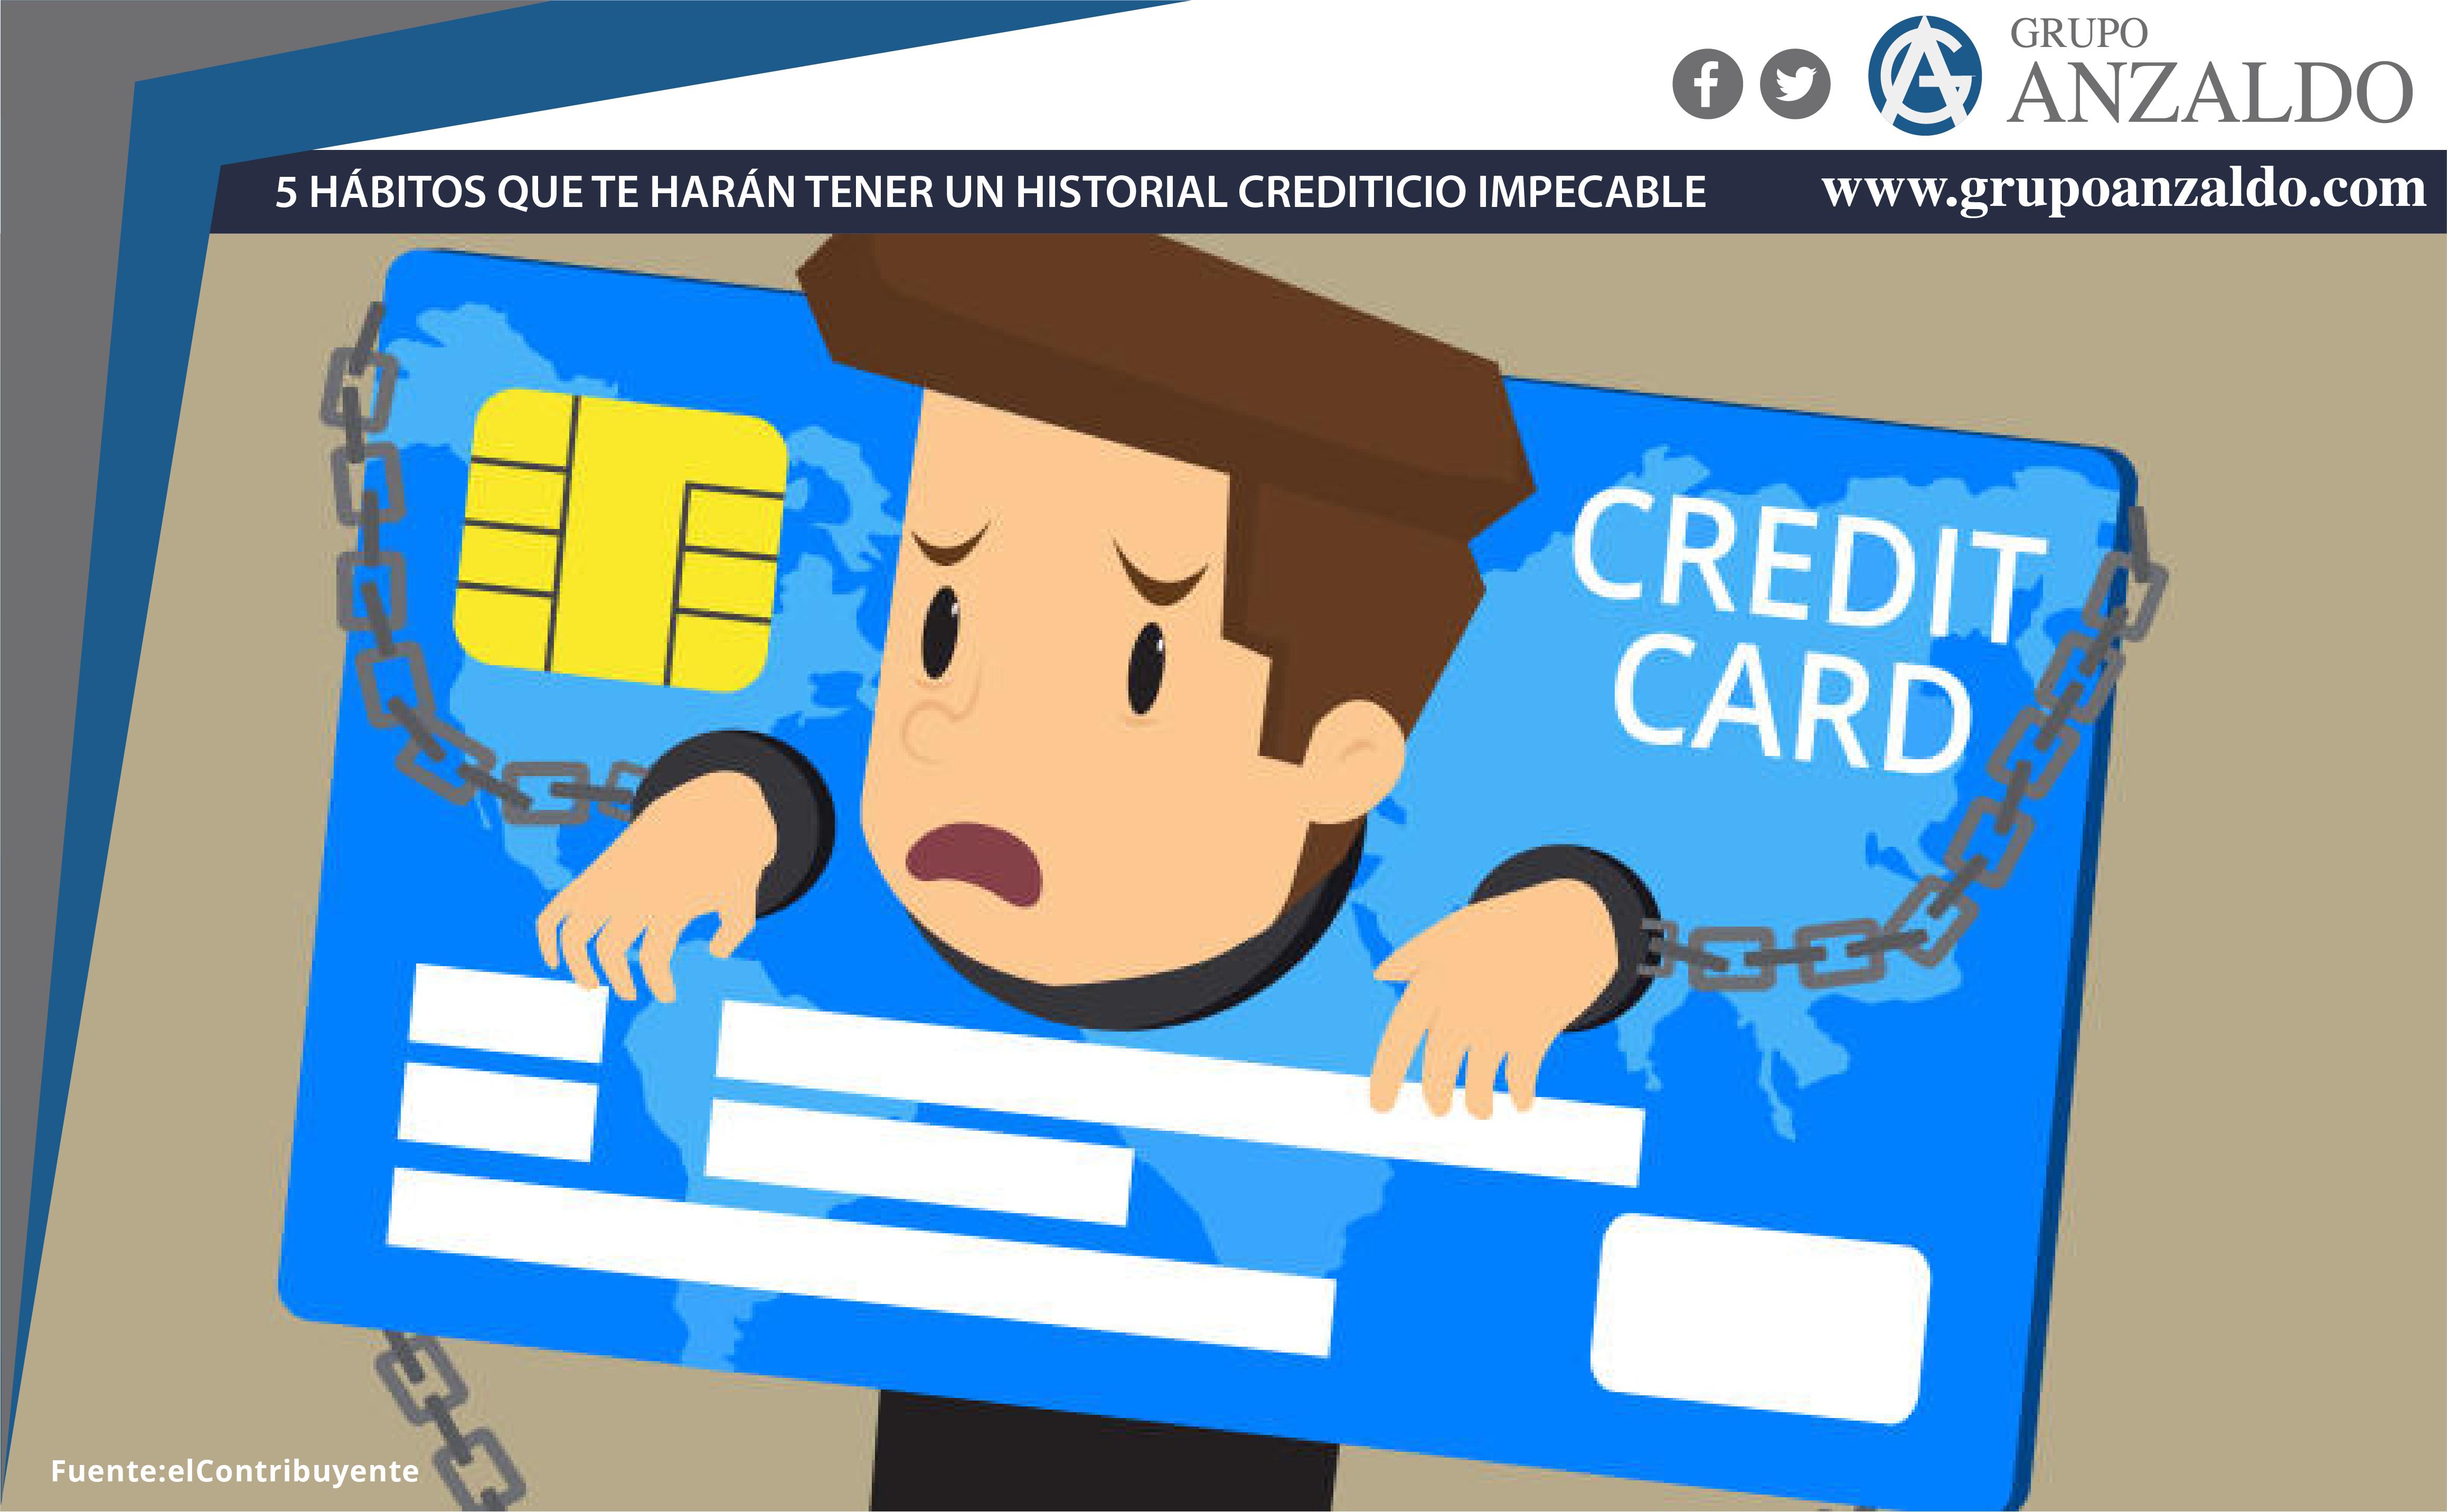 5 hábitos que te harán tener un historial crediticio impecable